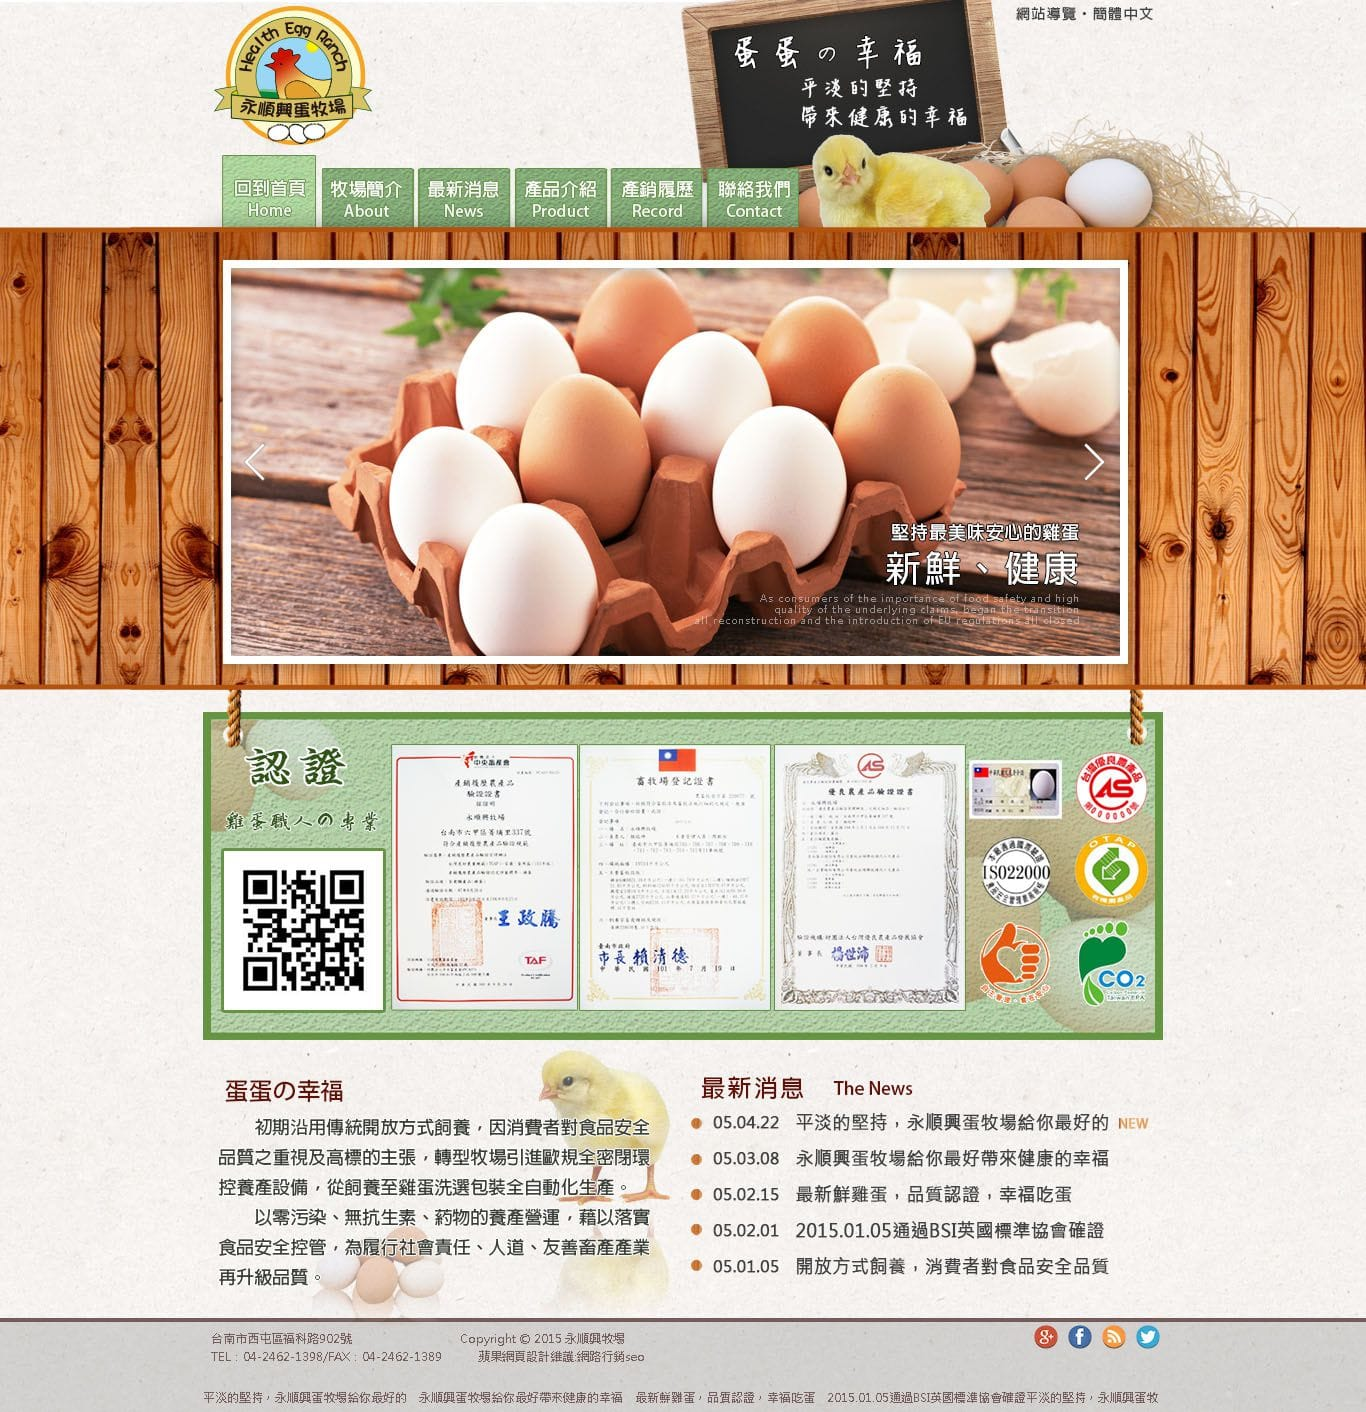 永順興牧場網頁設計-seo關鍵字排名 | 網頁設計超值特惠方案 | seo 網站優化 | 蘋果seo關鍵字-永順興牧場網頁設計